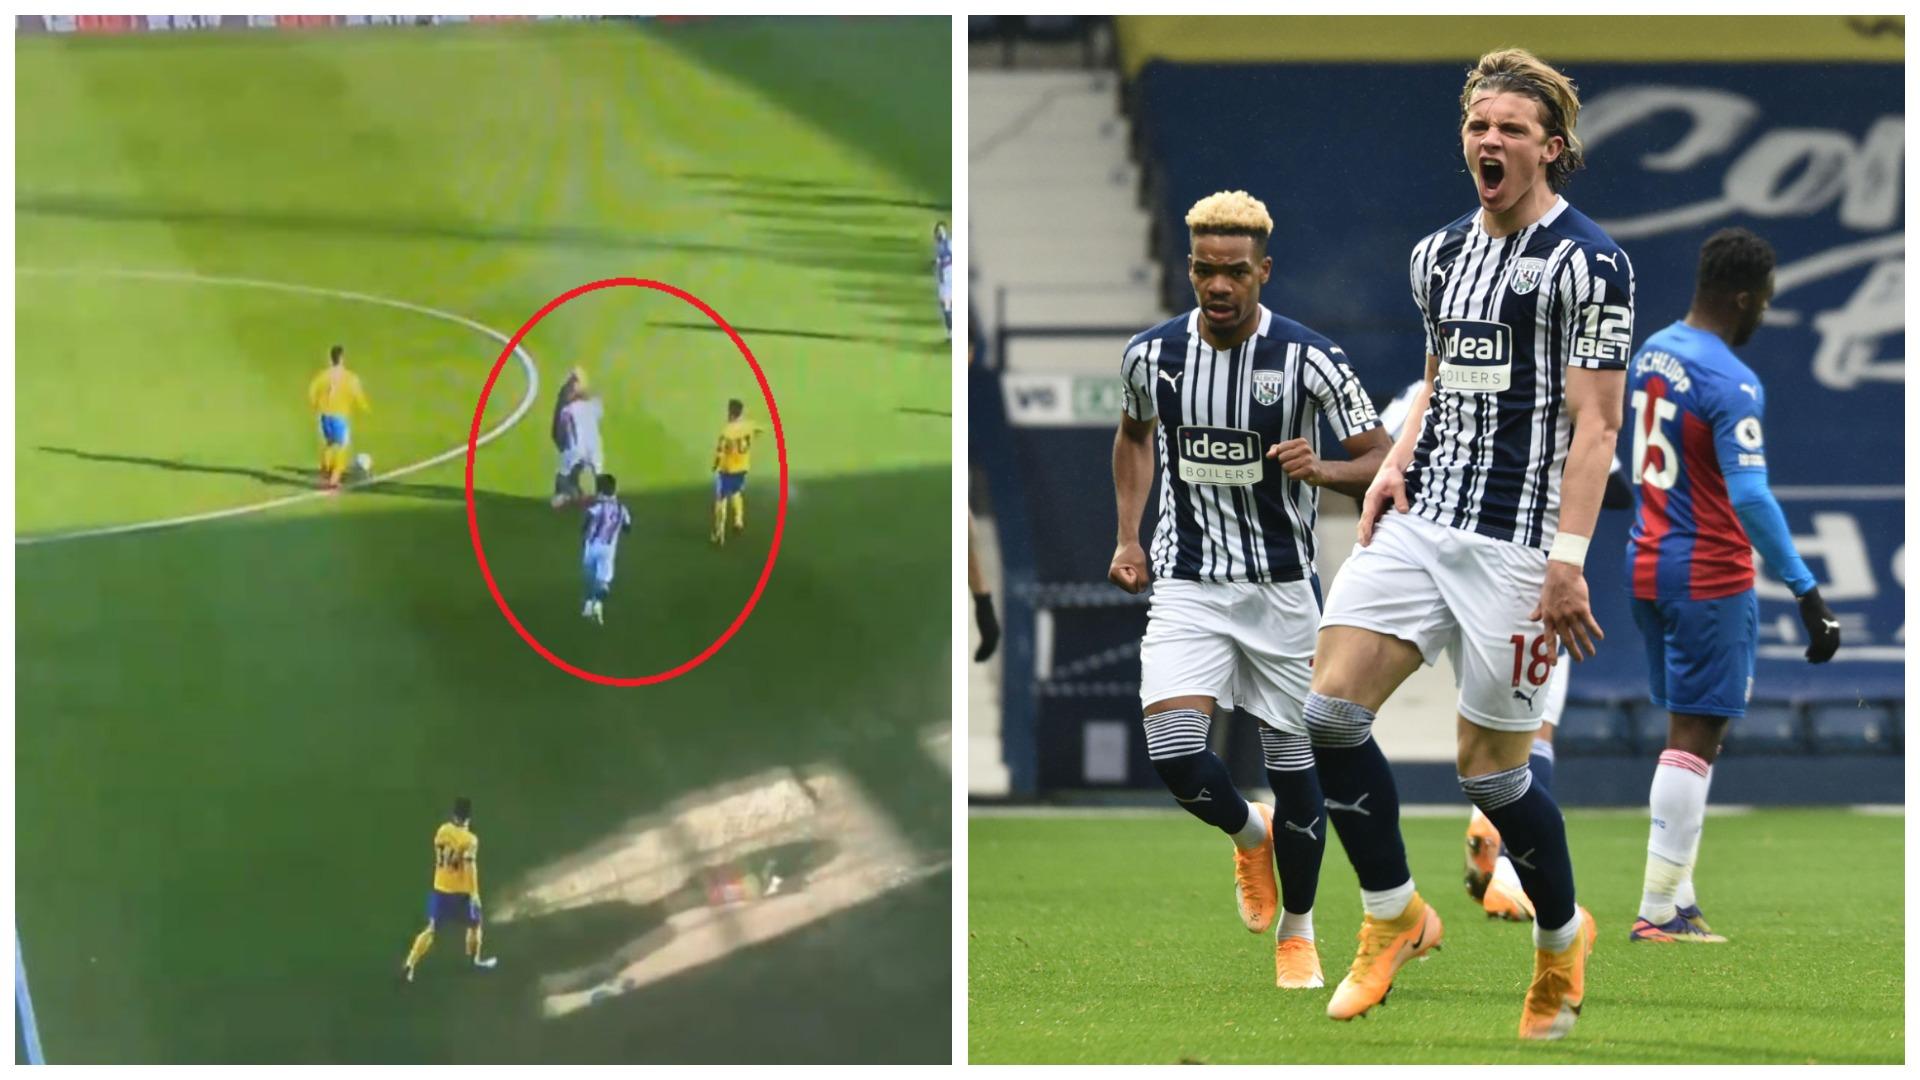 """VIDEO/ """"Aksident"""" me gjyqtarin në Premier League, mesfushori e hedh në tokë"""